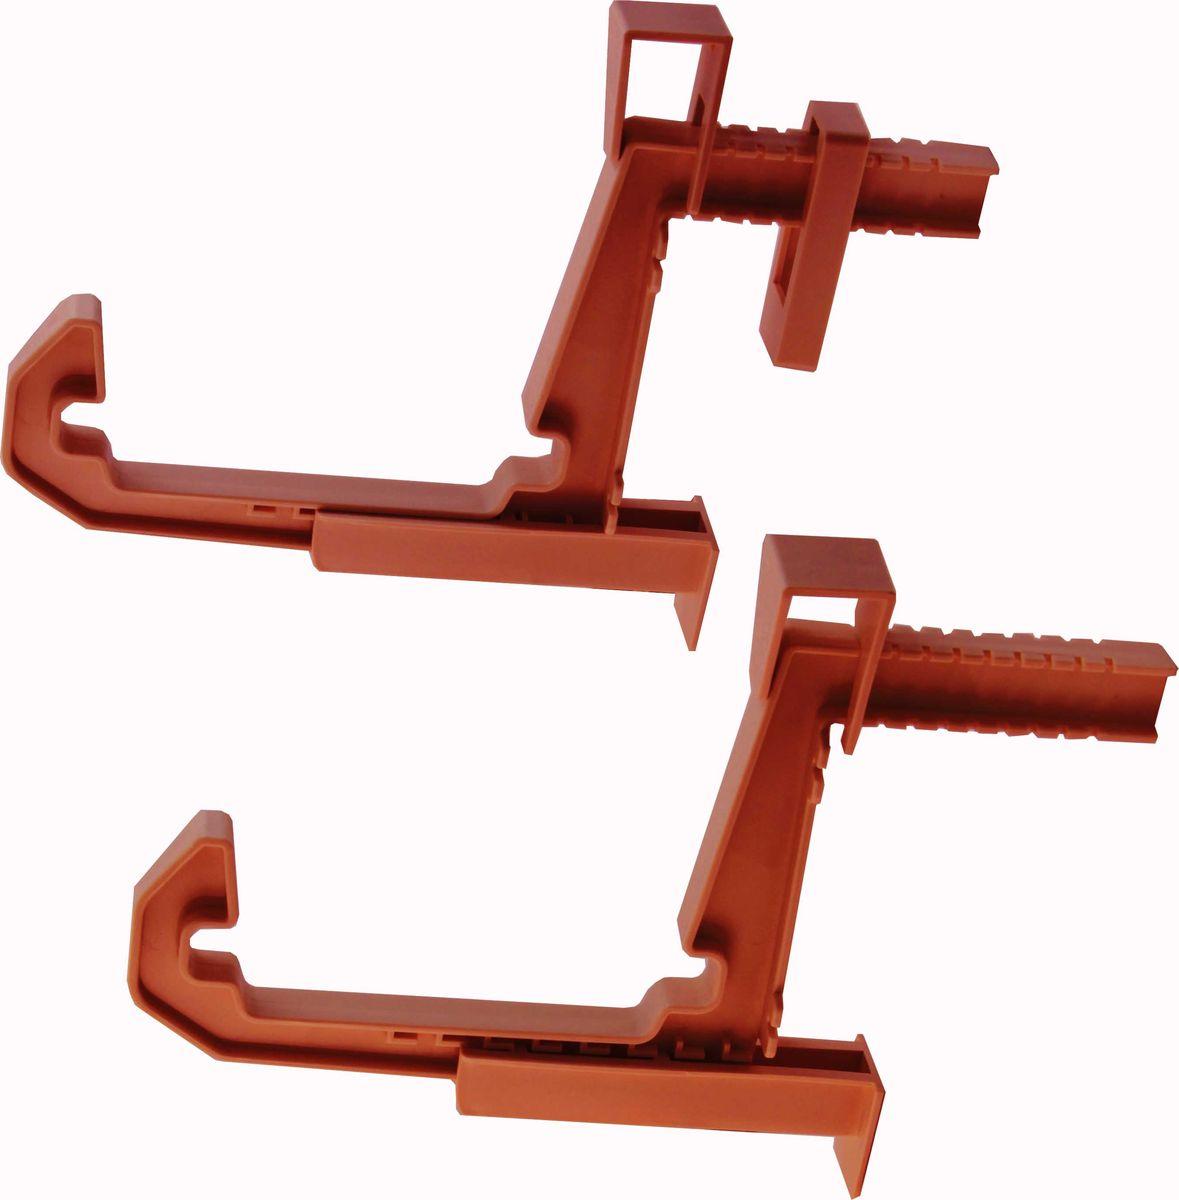 Крепление для балконных ящиков Idea, универсальное, цвет: терракотовый, 2 шт поддон для балконного ящика idea цвет терракотовый 40 см